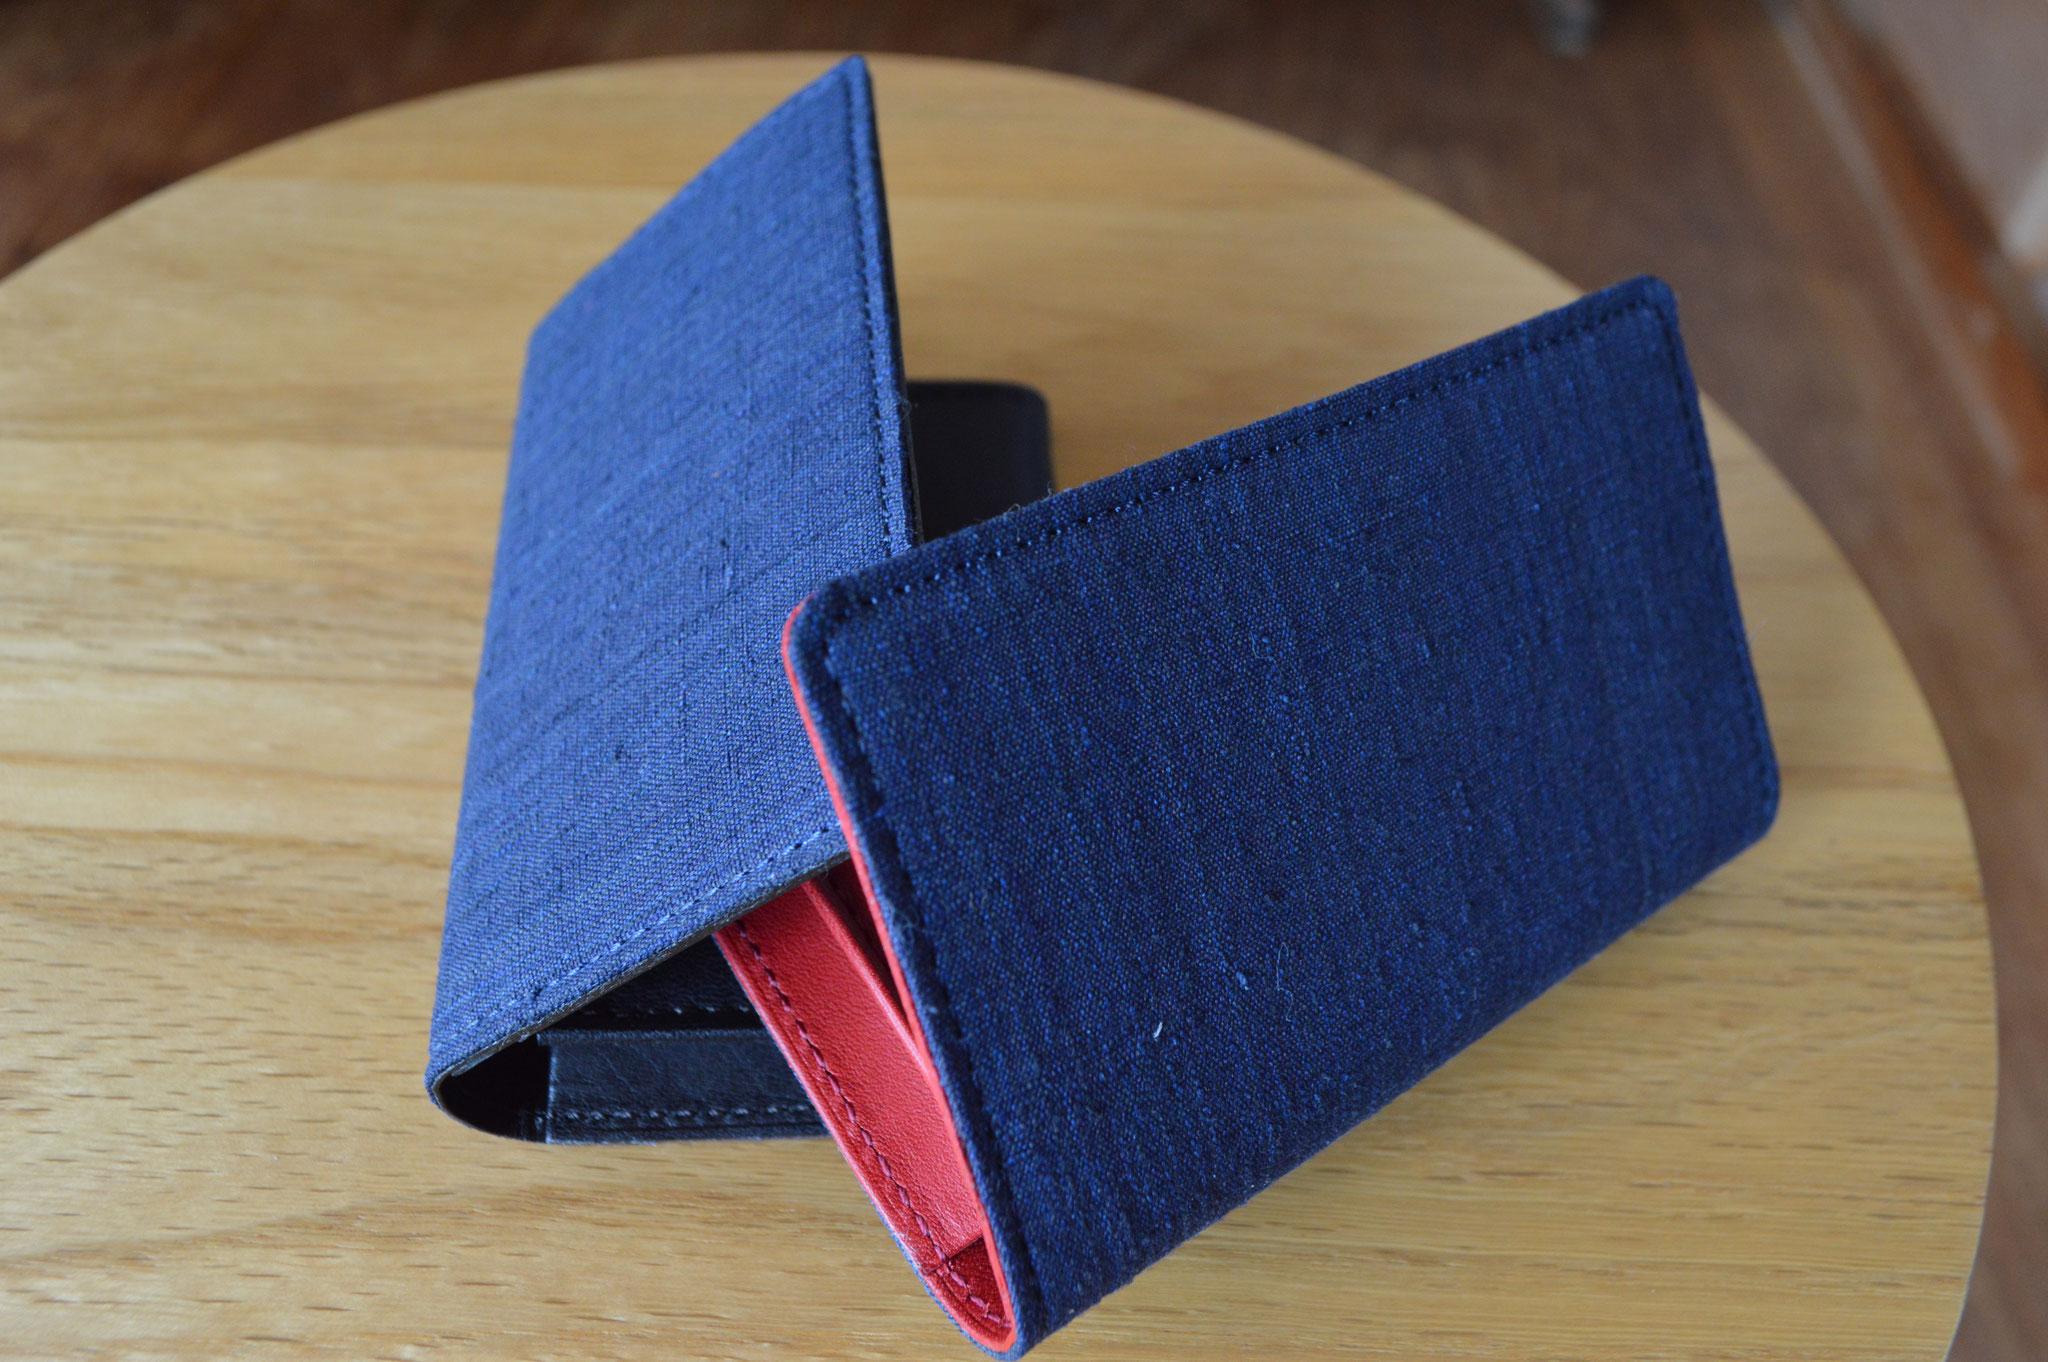 本藍黒染め名刺入れを新しく加えました。